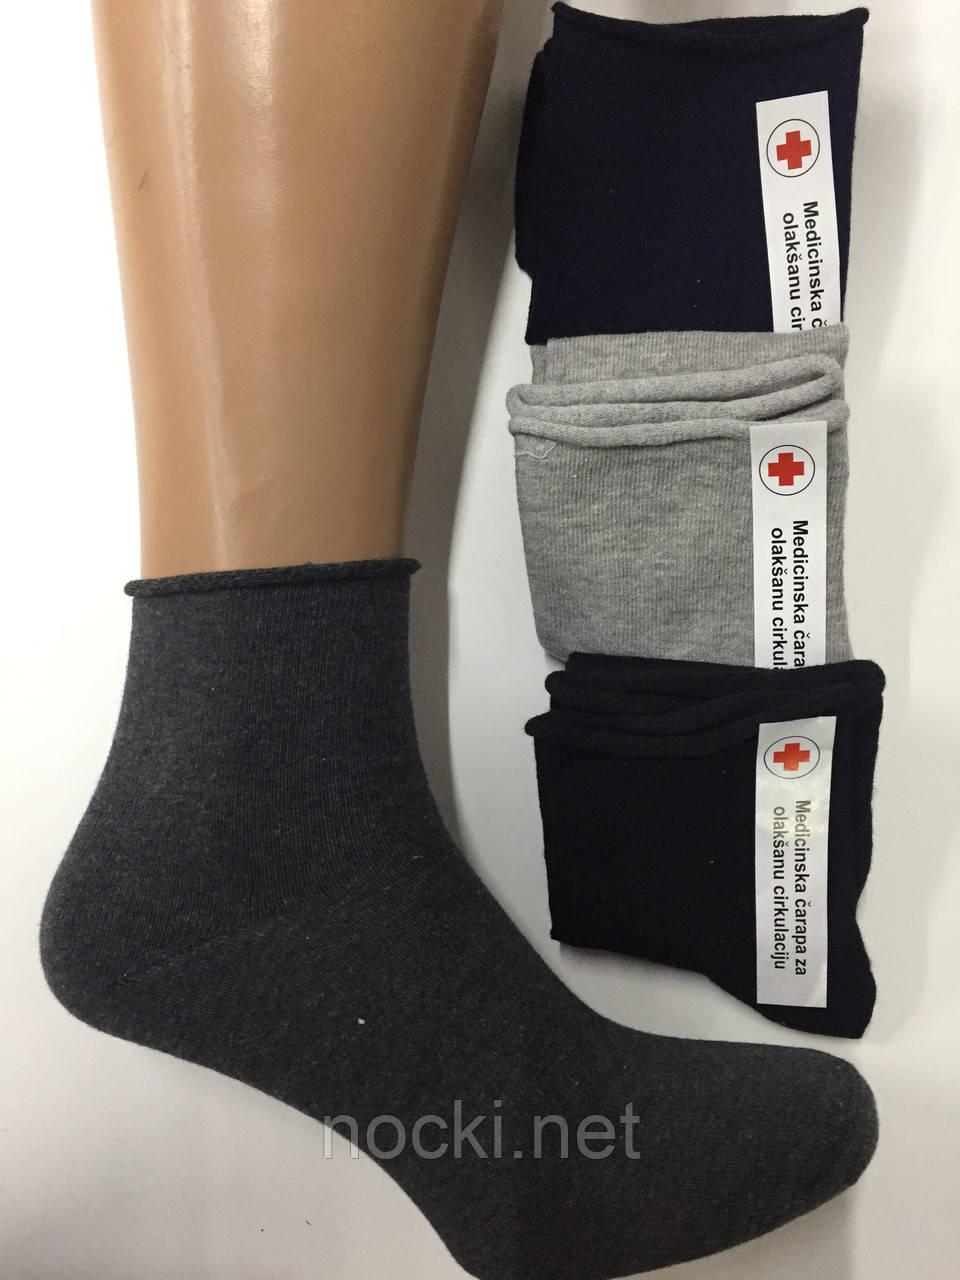 Шкарпетки чоловічі бавовна без гумки медичні діабетичні пр-під Туреччина